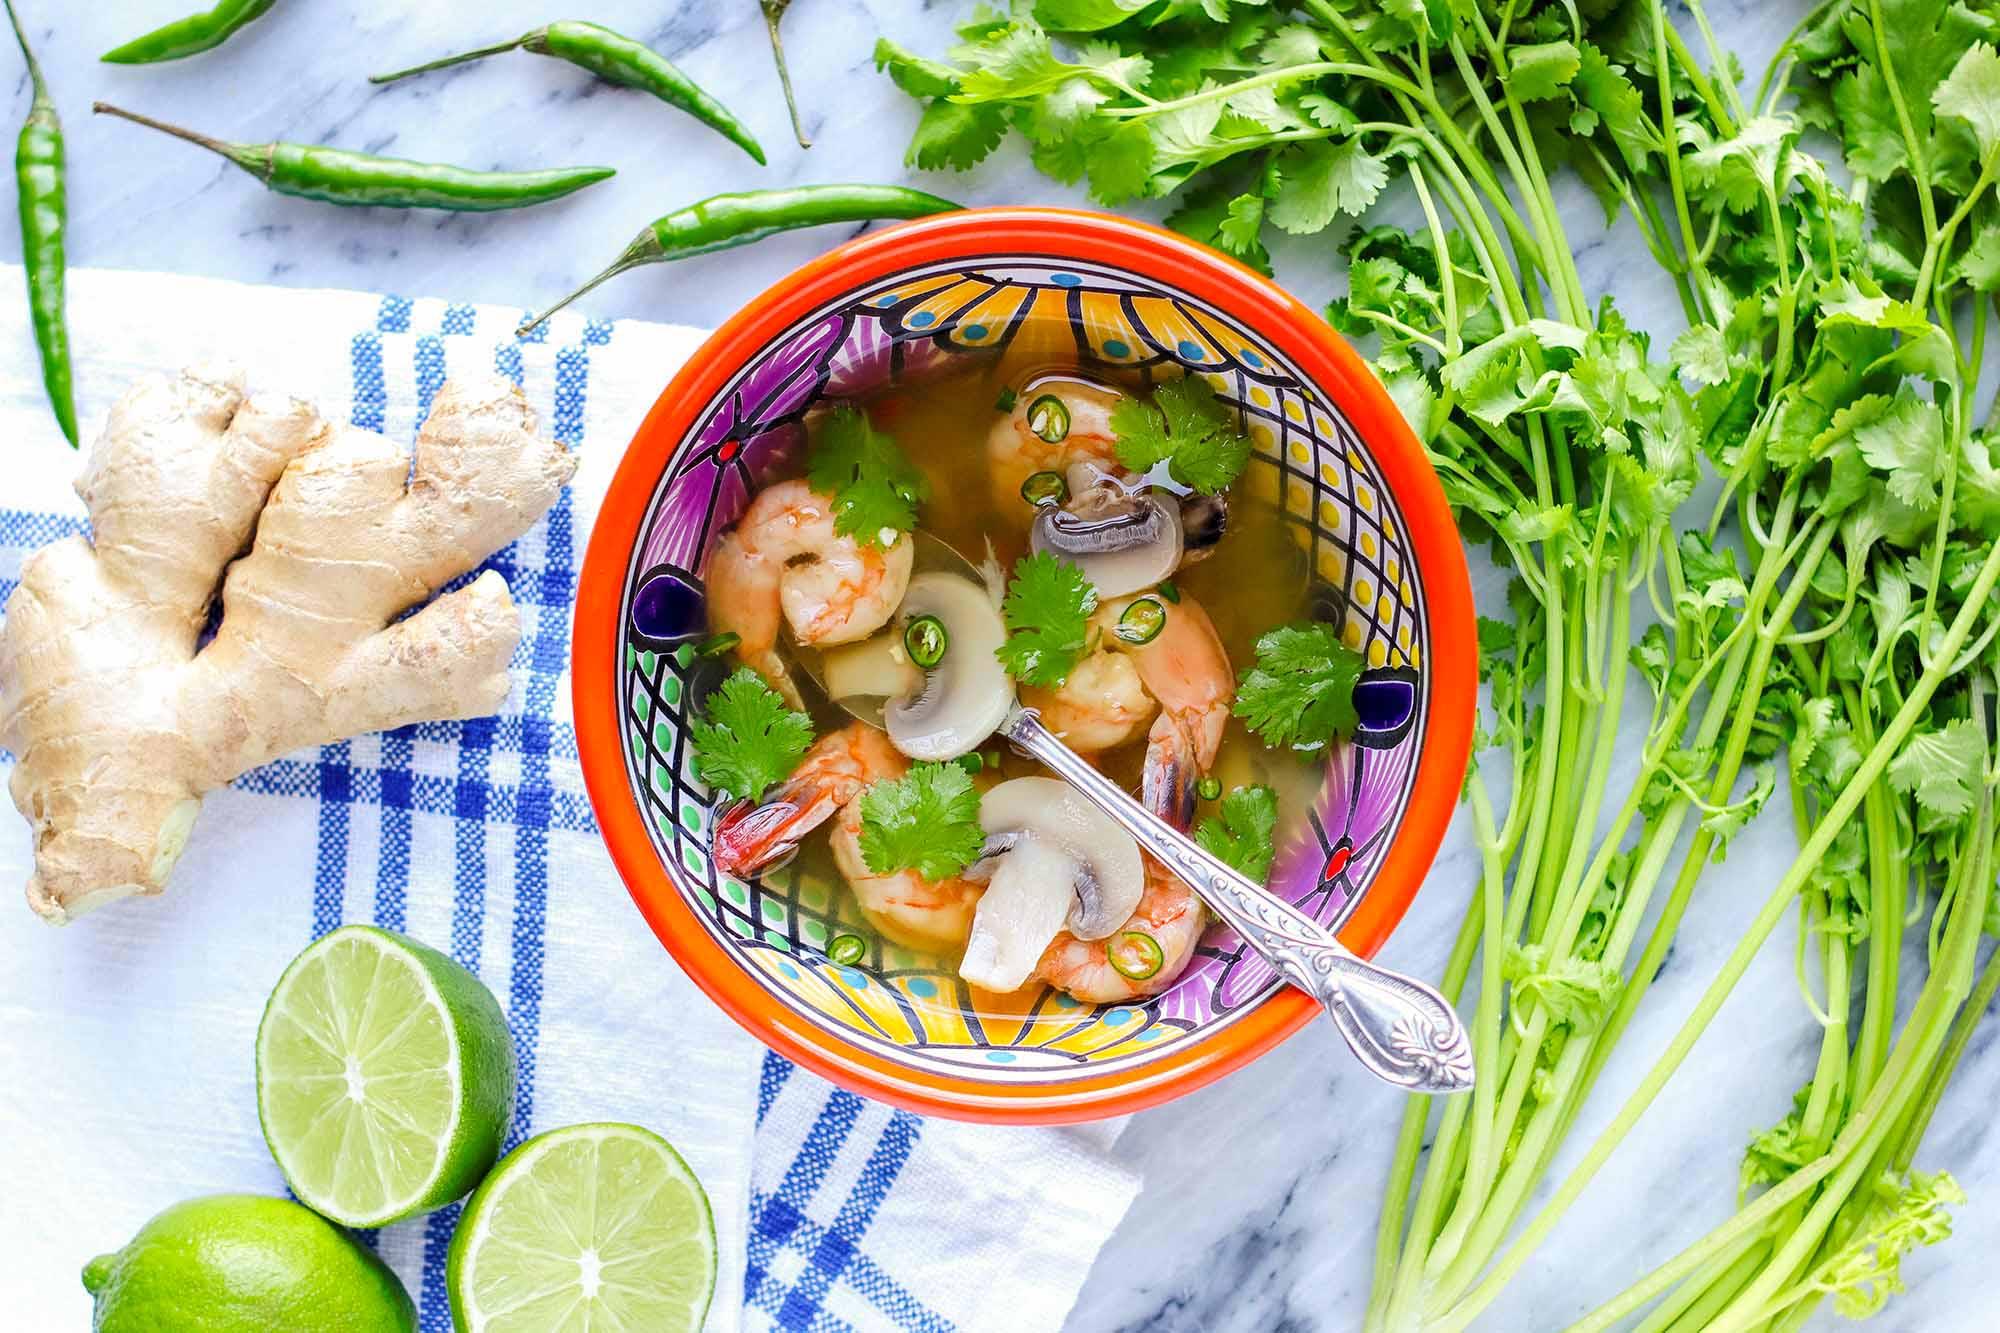 Тайский суп с креветками в миске с ярким рисунком и серебряной ложкой внутри. Нарезанный лайм, имбирь, перец и стебли кинзы окружают чашу с легким бульоном, креветками, грибами и кинзой. Чаша стоит на мраморной стойке с льняной тканью в синюю полоску слева от чаши.